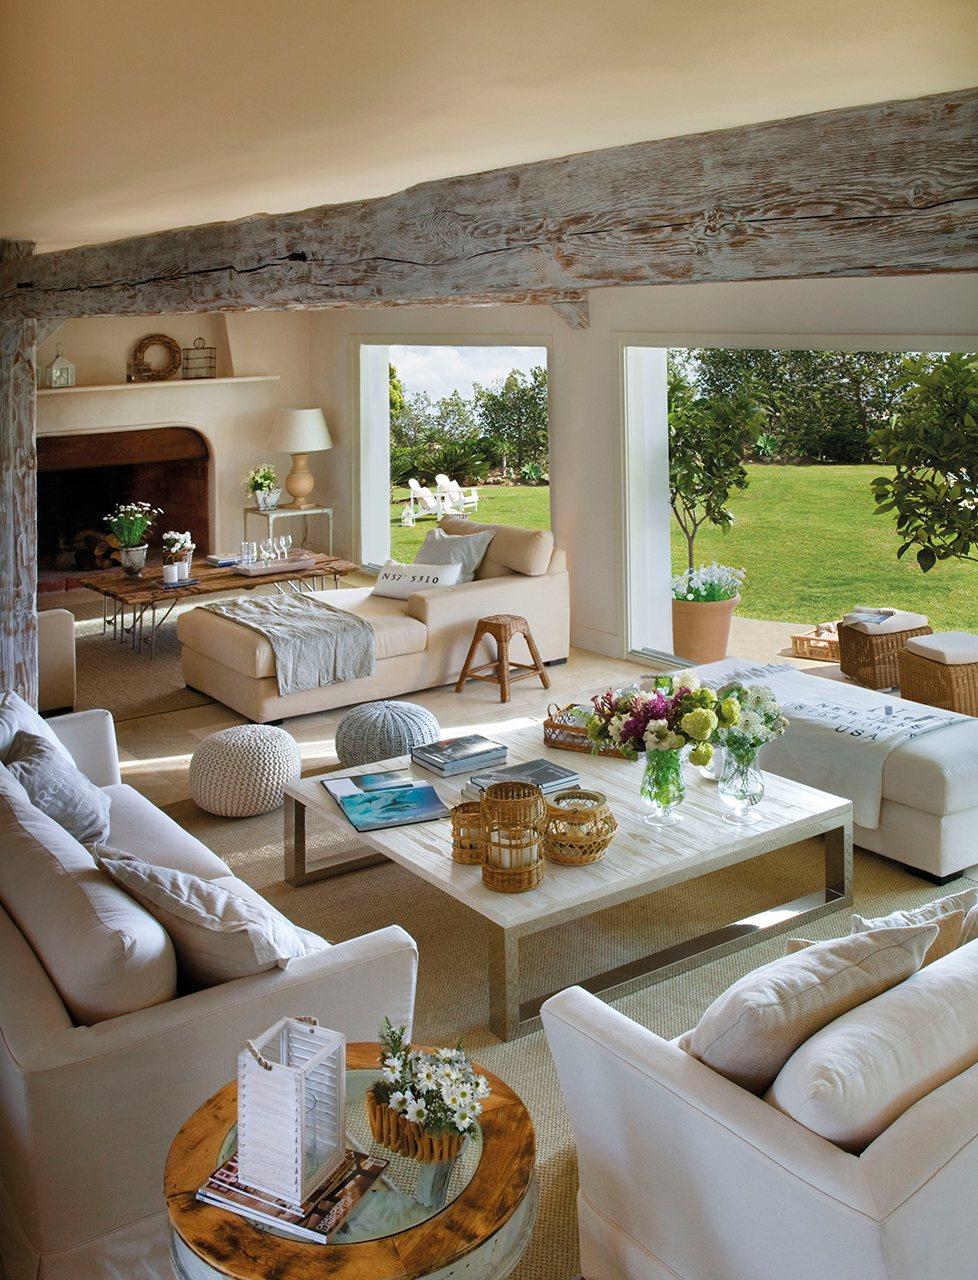 Salón con viga pintada en blanco, chimenea y grandes ventanales que comunican al jardín. Muy luminoso